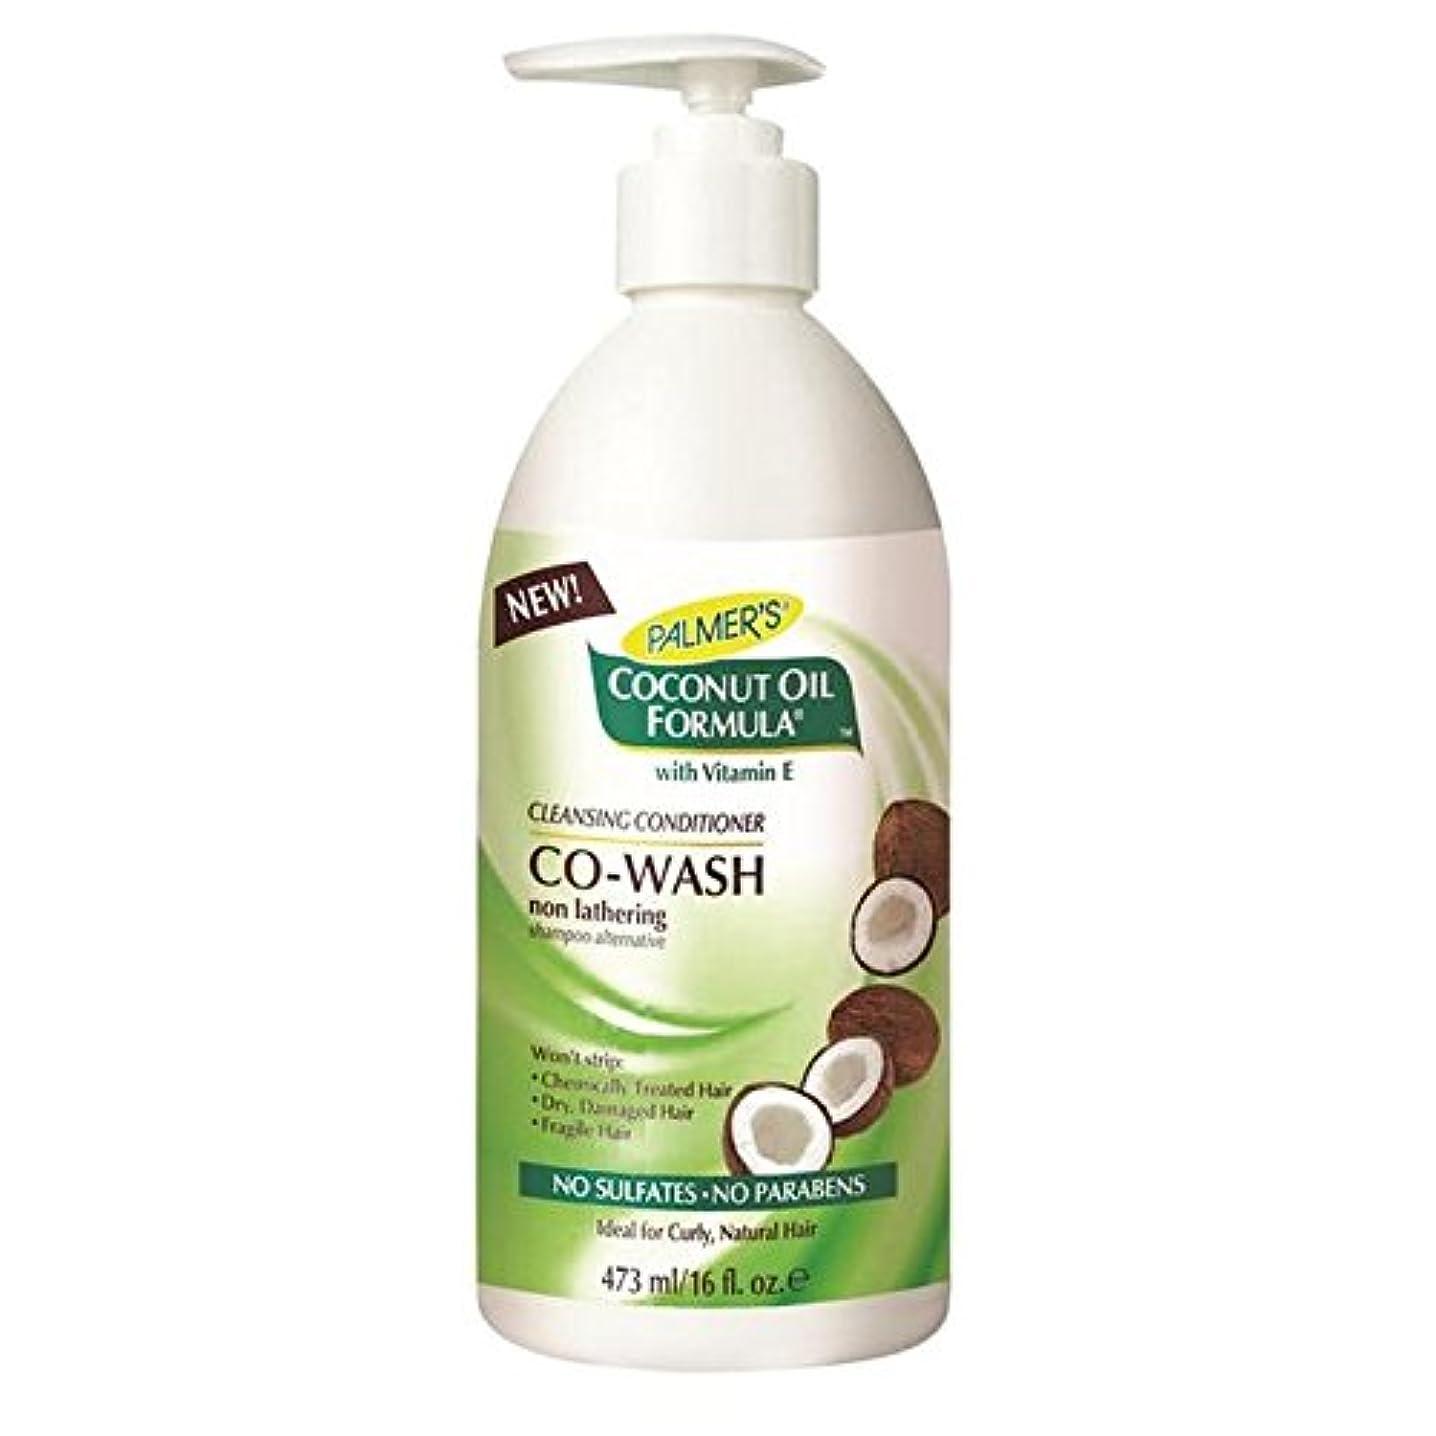 プレゼンタープレミアム神経障害Palmer's Coconut Formula Co-Wash Cleansing Conditioner, Shampoo Alternative 473ml - パーマーのココナッツ式コウォッシュクレンジングコンディショナー...